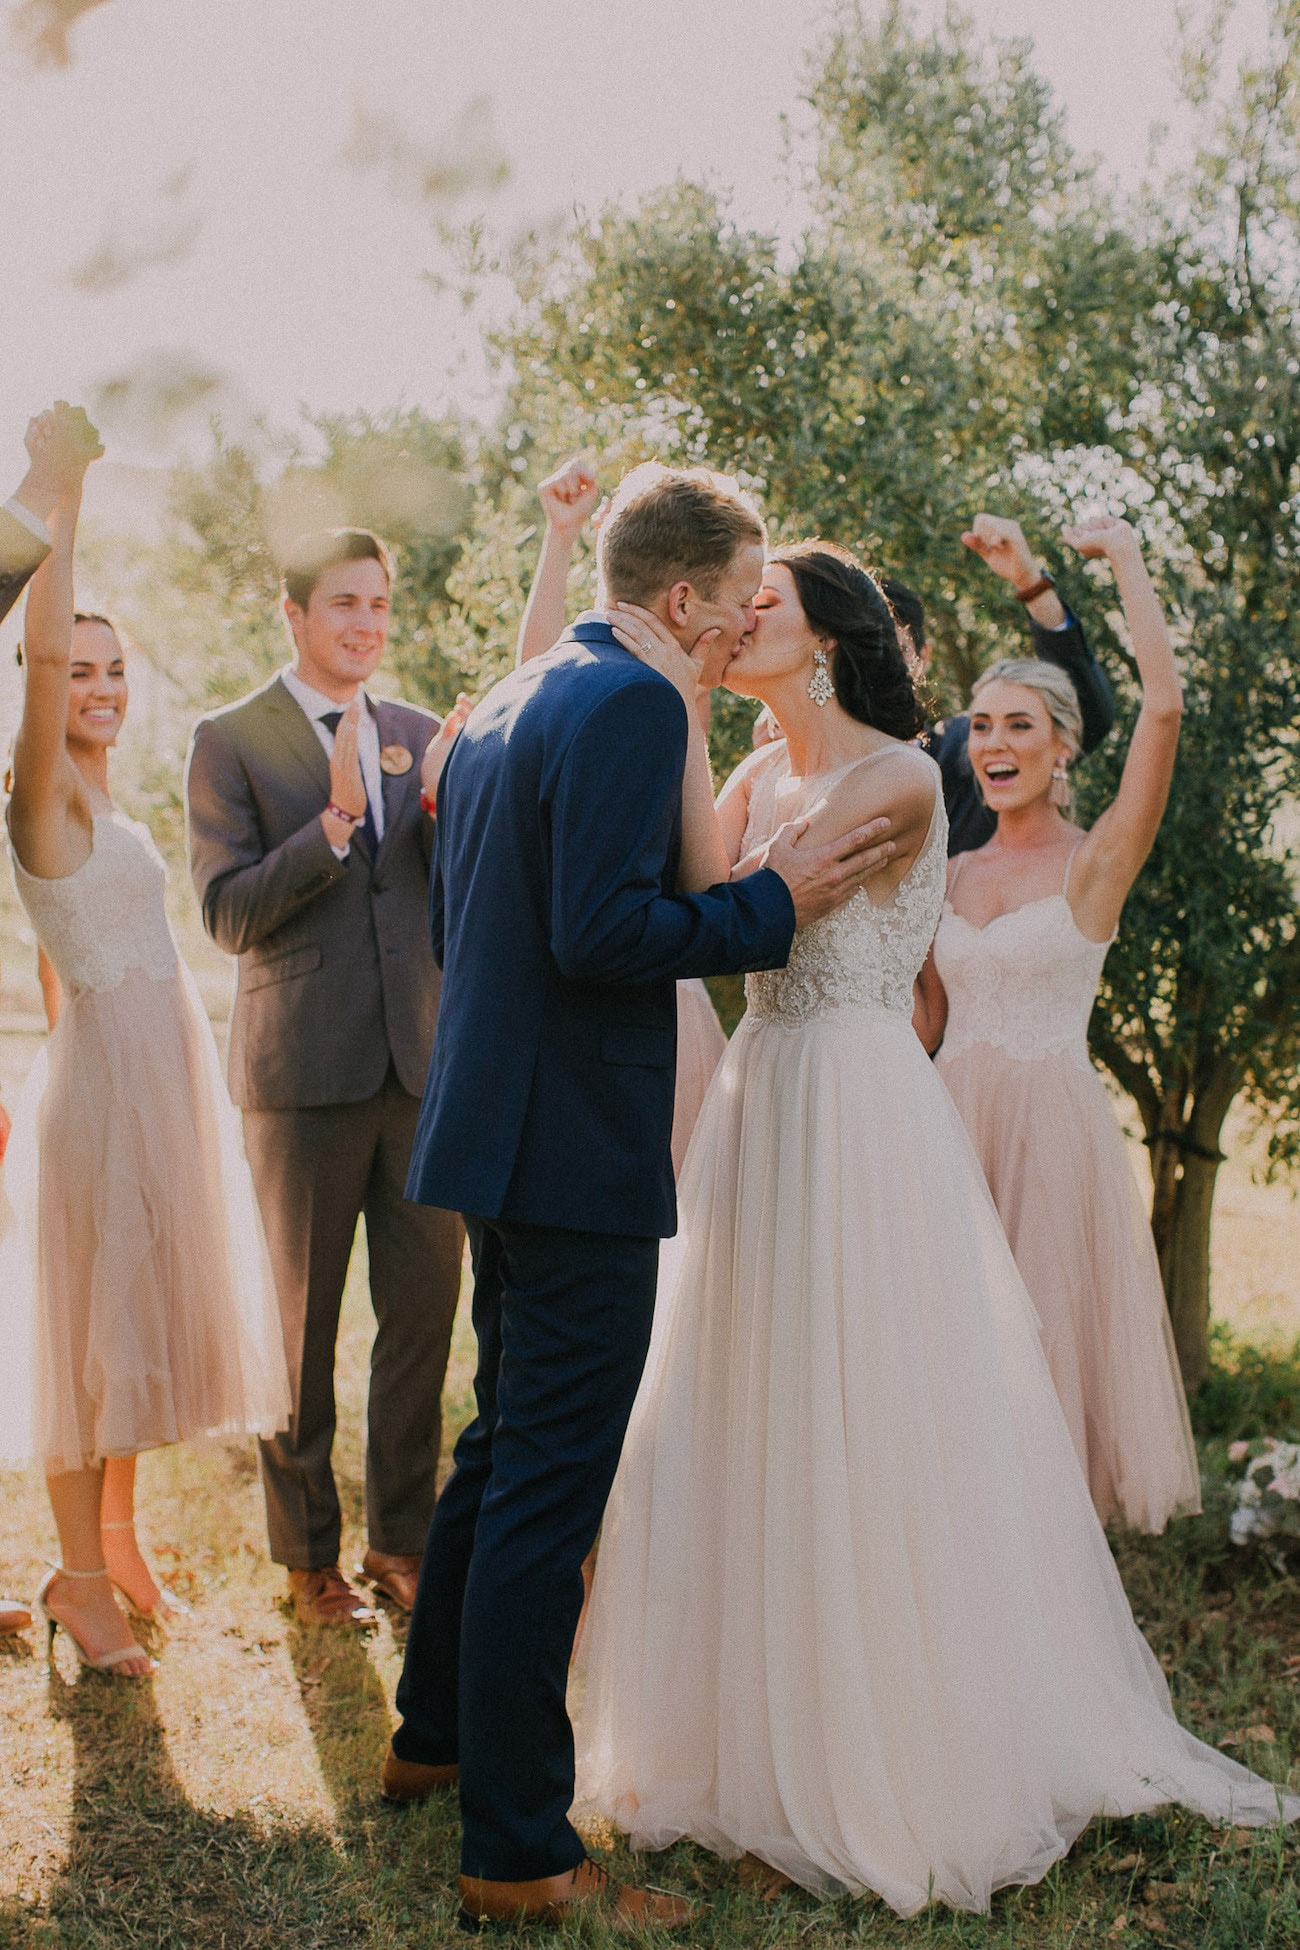 Wedding Party | Image: Michelle du Toit